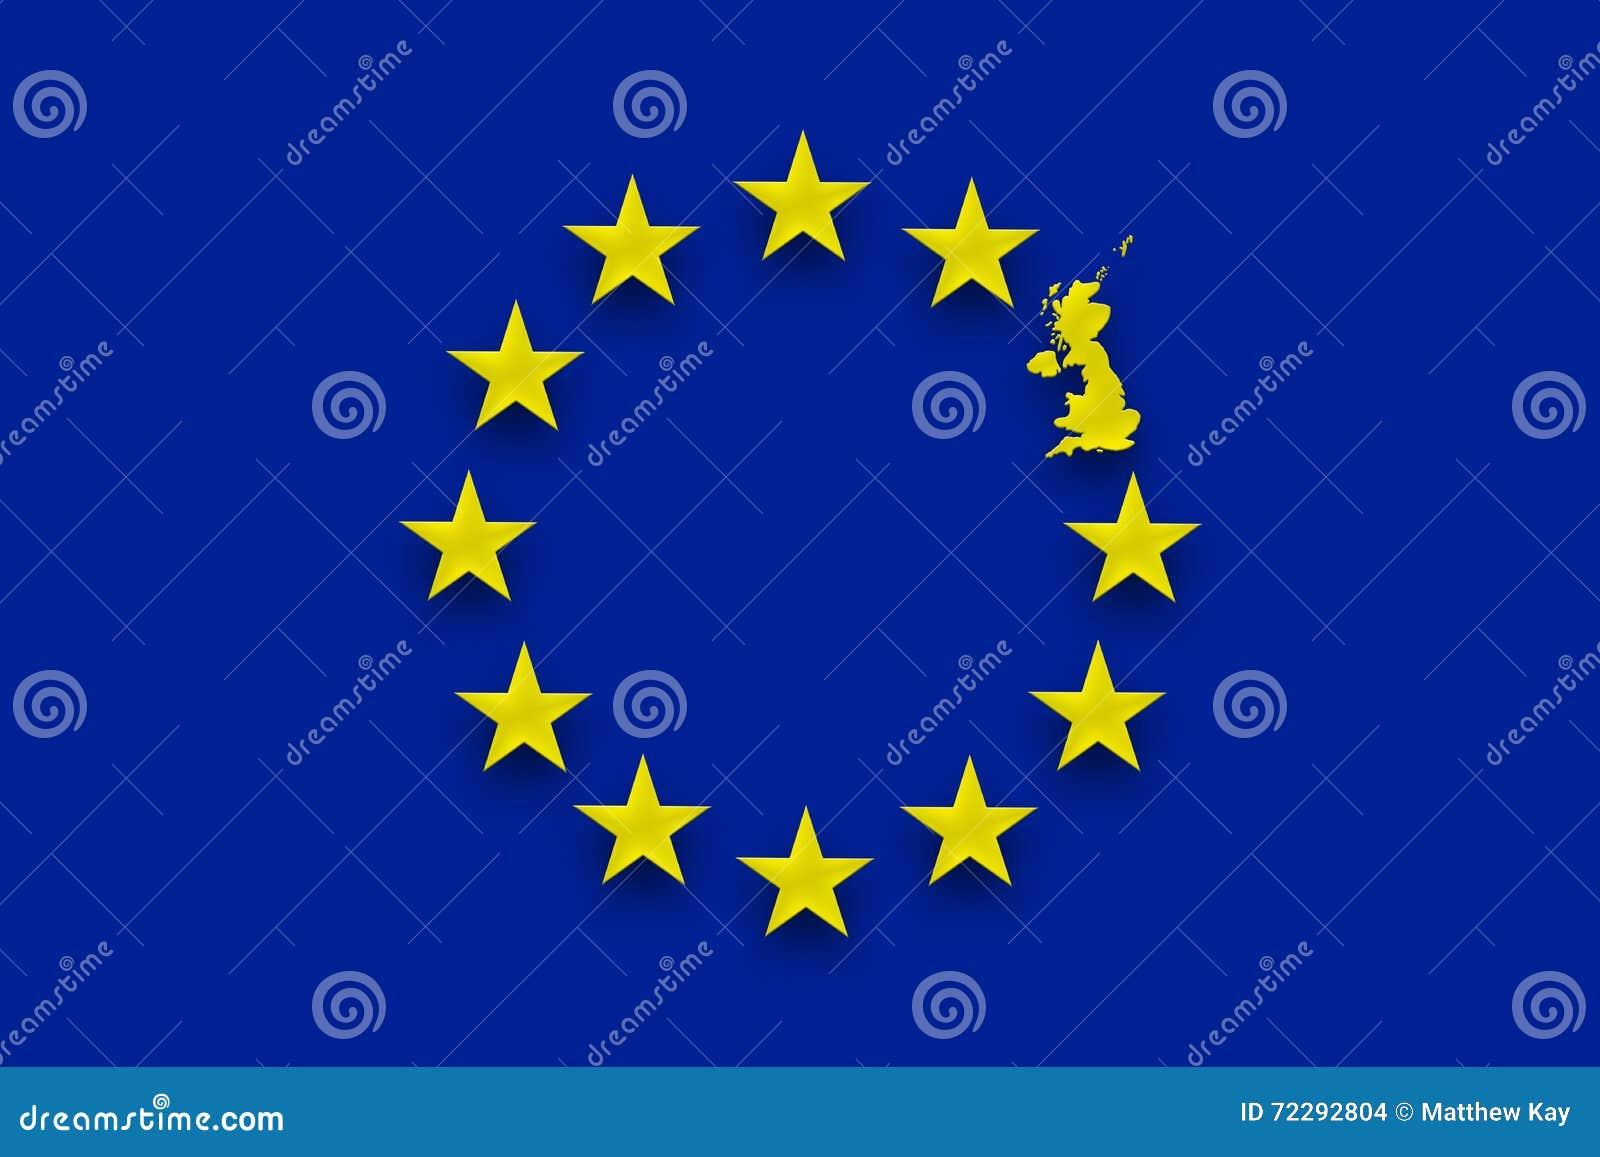 Download Референдум Великобритании Европейского союза Иллюстрация штока - иллюстрации насчитывающей независимость, нация: 72292804